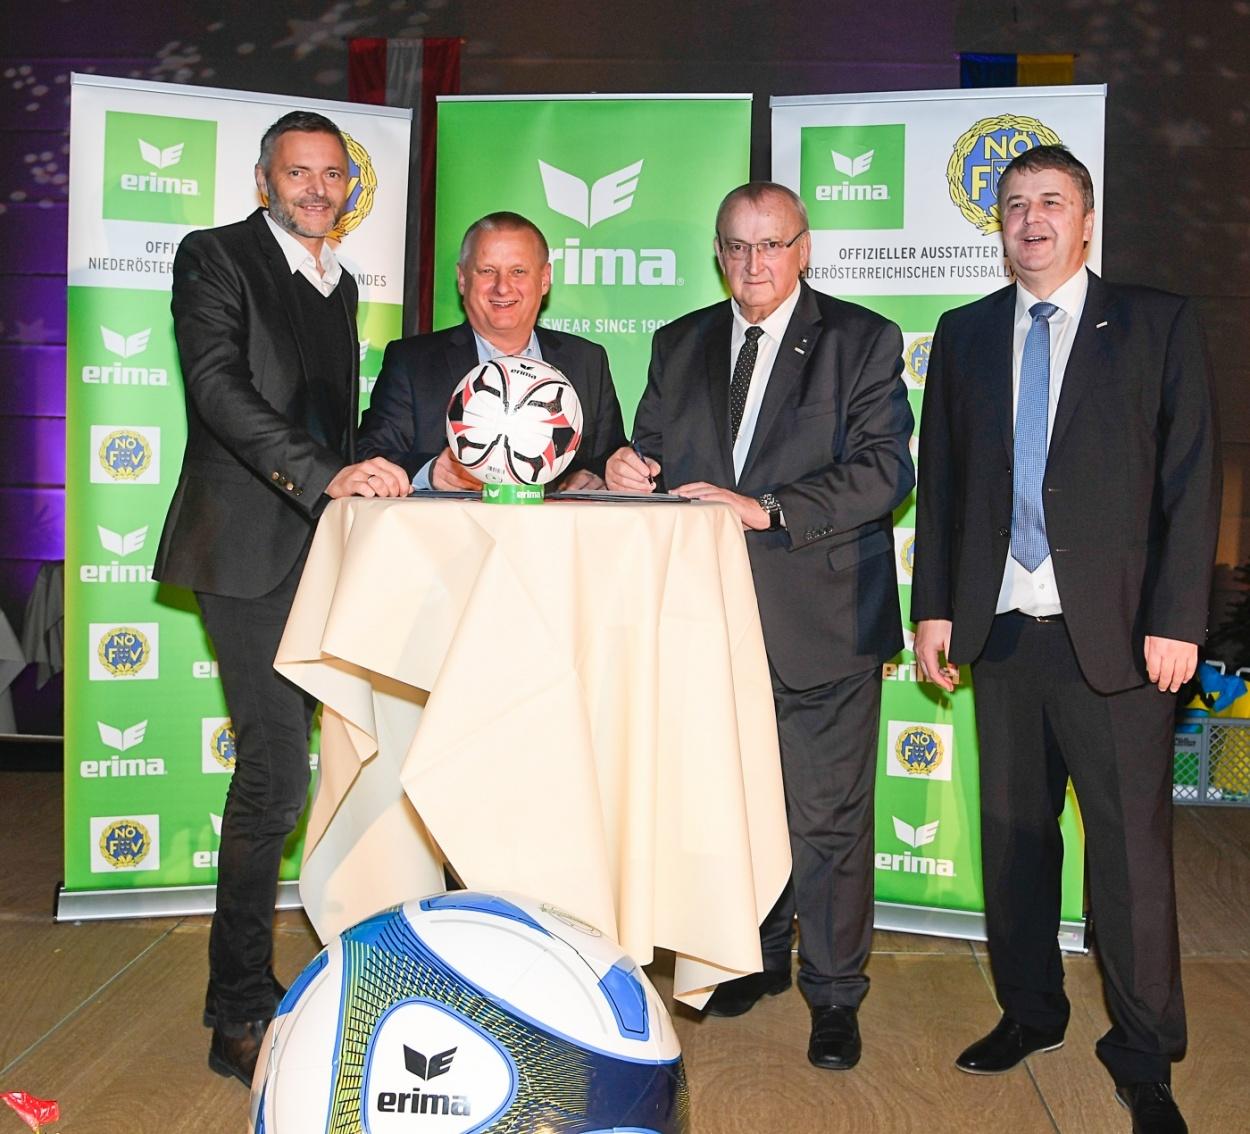 ERIMA bleibt auch in Zukunft offizieller Partner des Niederösterreichischen Fußballverbandes